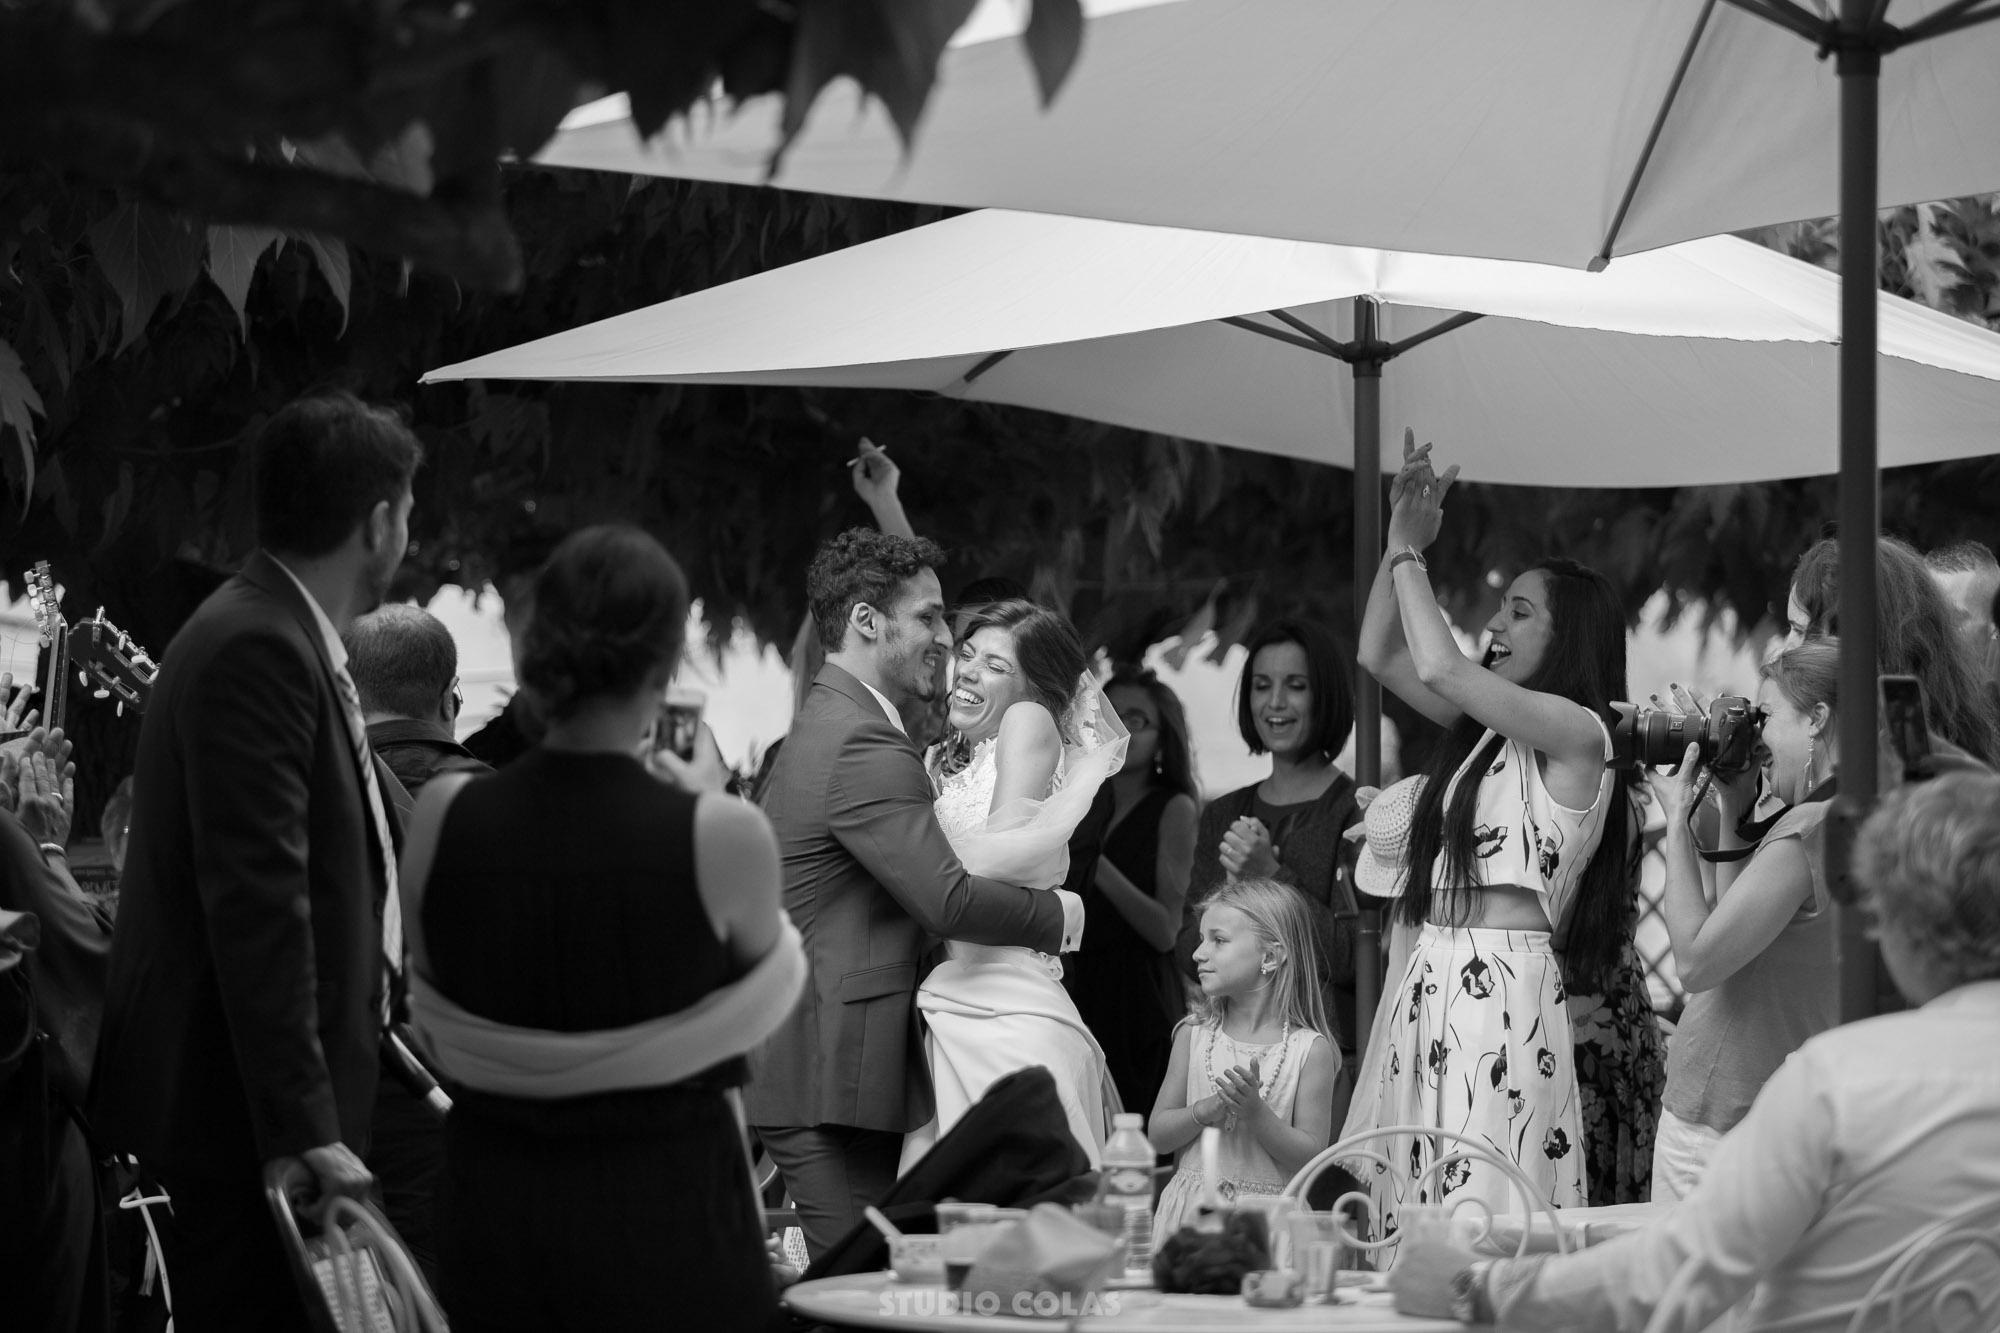 groupe gipsy durant le cocktail puis un groupe folk pour larrive des maris sur le lieu de la soire le tout dans des teintes bleutes allant du - Groupe Gipsy Pour Mariage